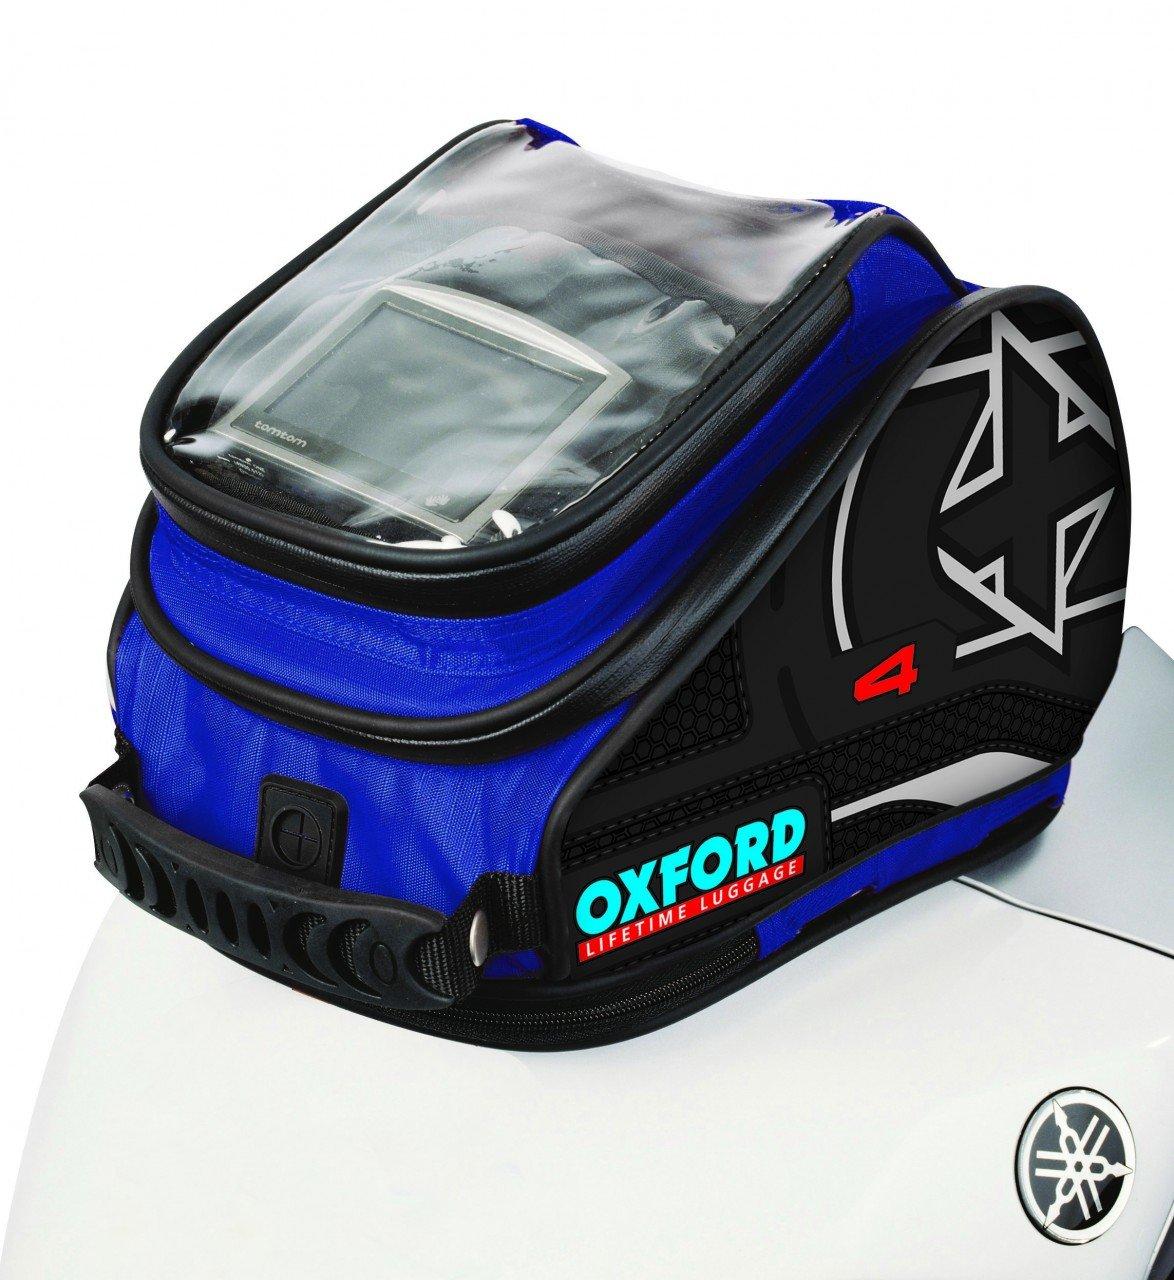 Oxford OL177 X4 Blue Magnetic Tank 'N' Trailer Motorcycle Bag